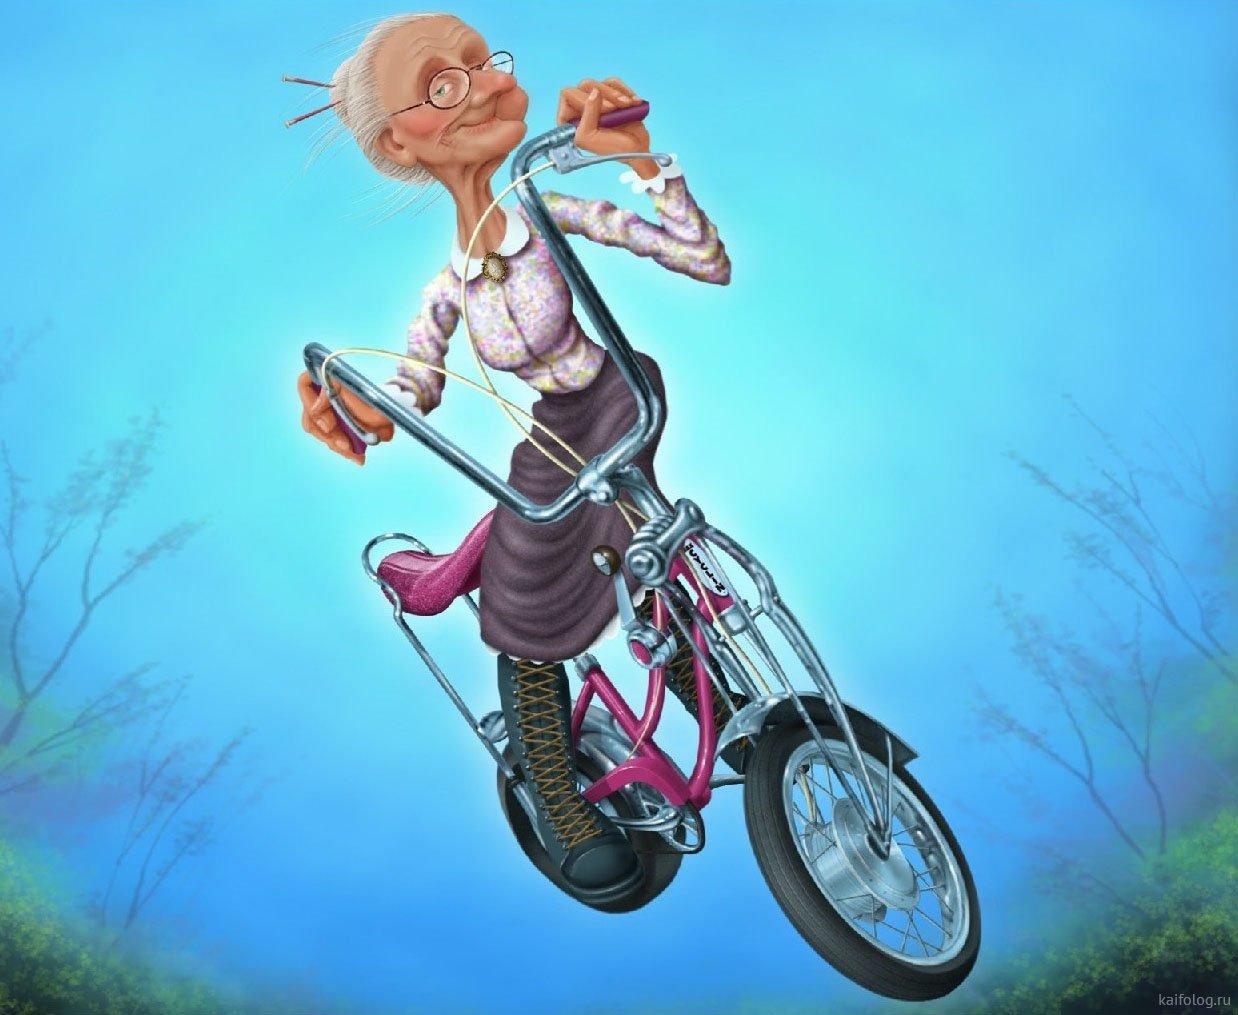 Велосипеды юмор в картинках